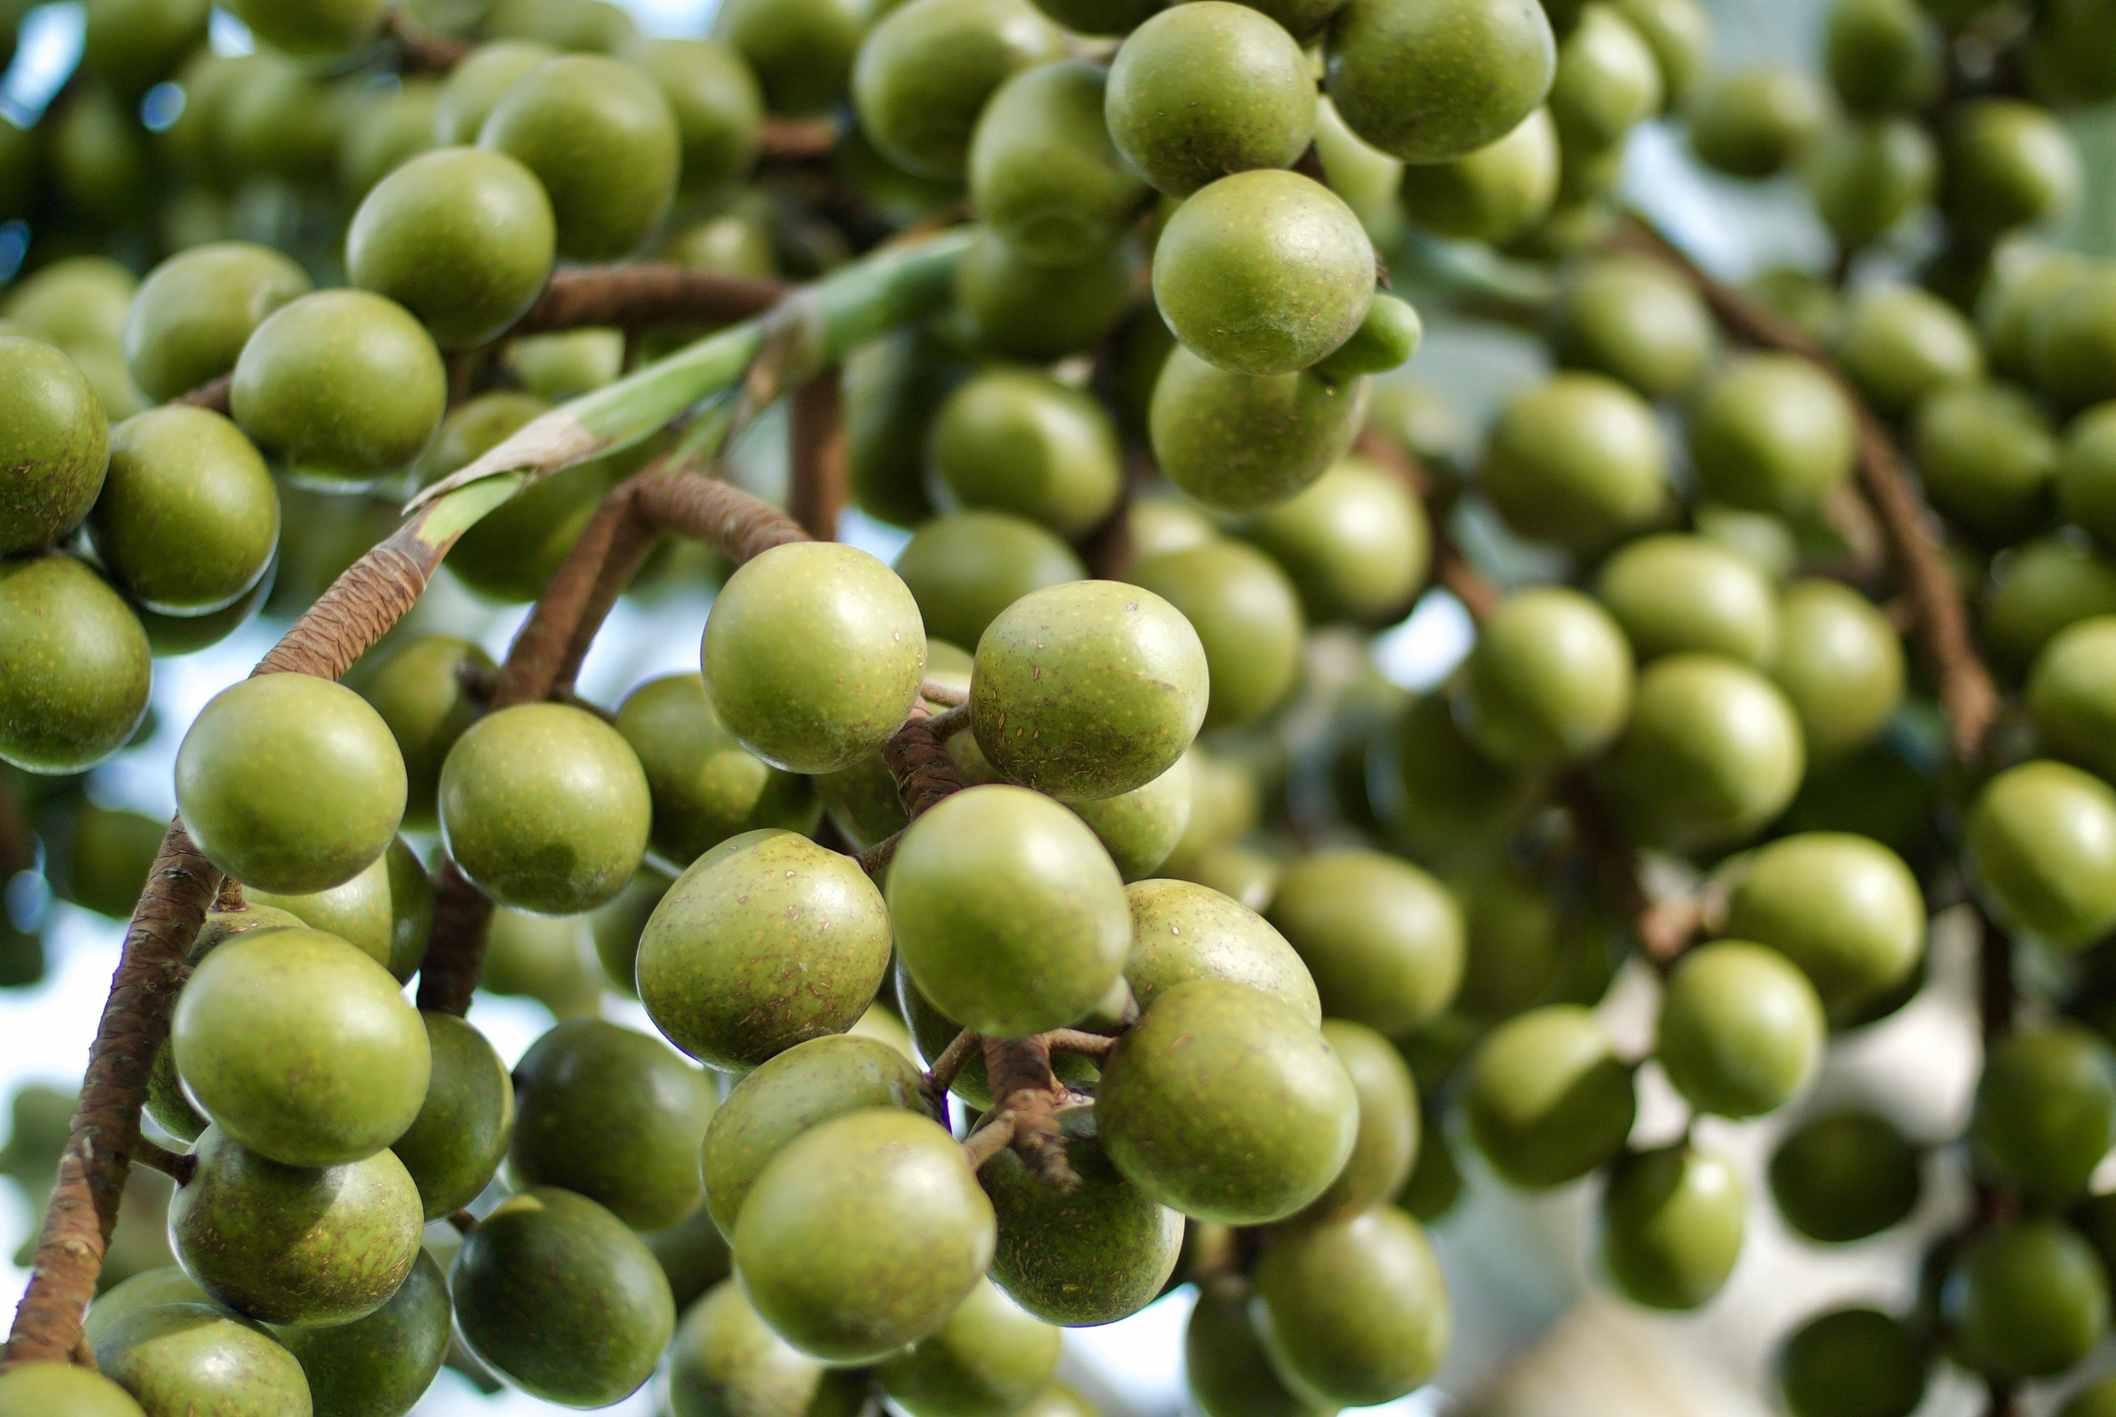 Branch full of green Manzanilla olives